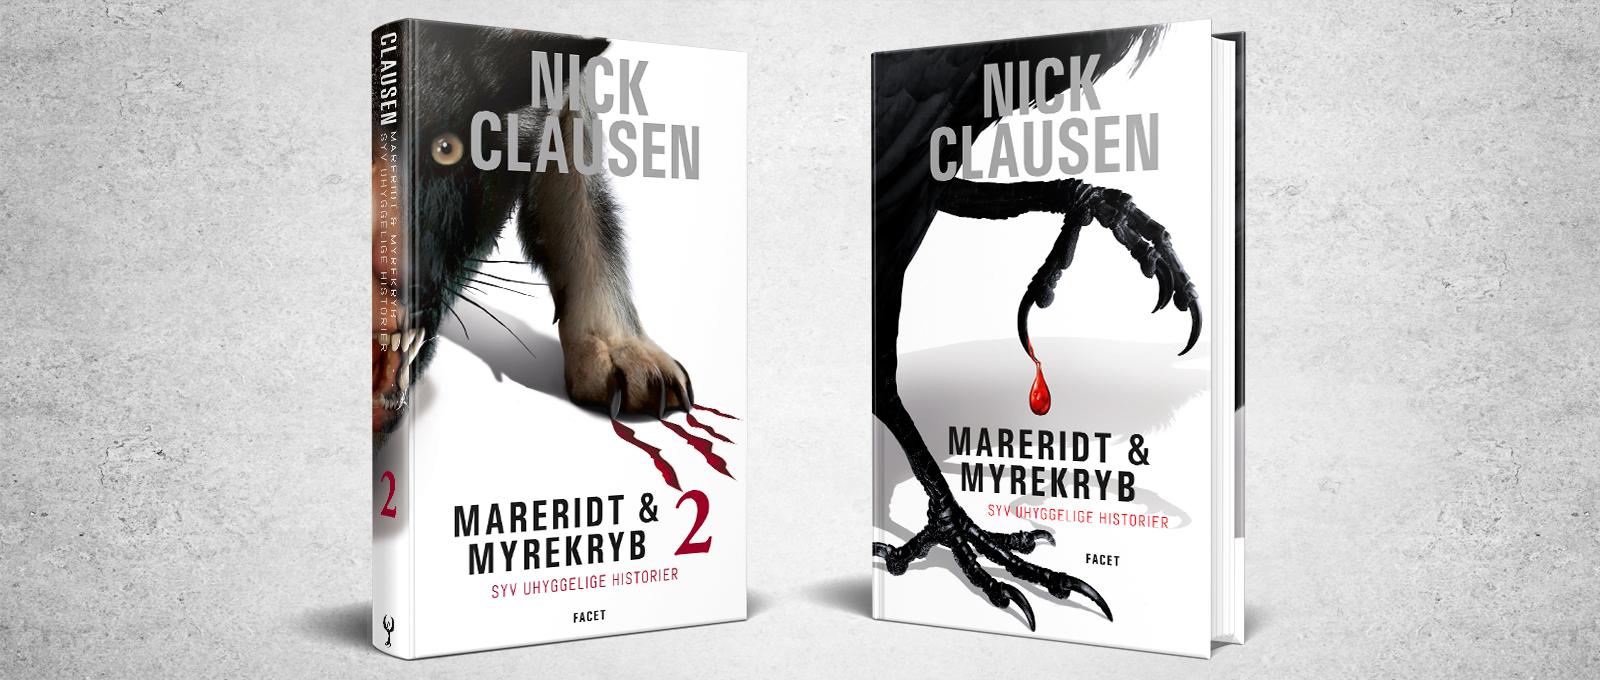 Mareridt & Myrekryb bind 1 og bind 2 af Nick Clausen